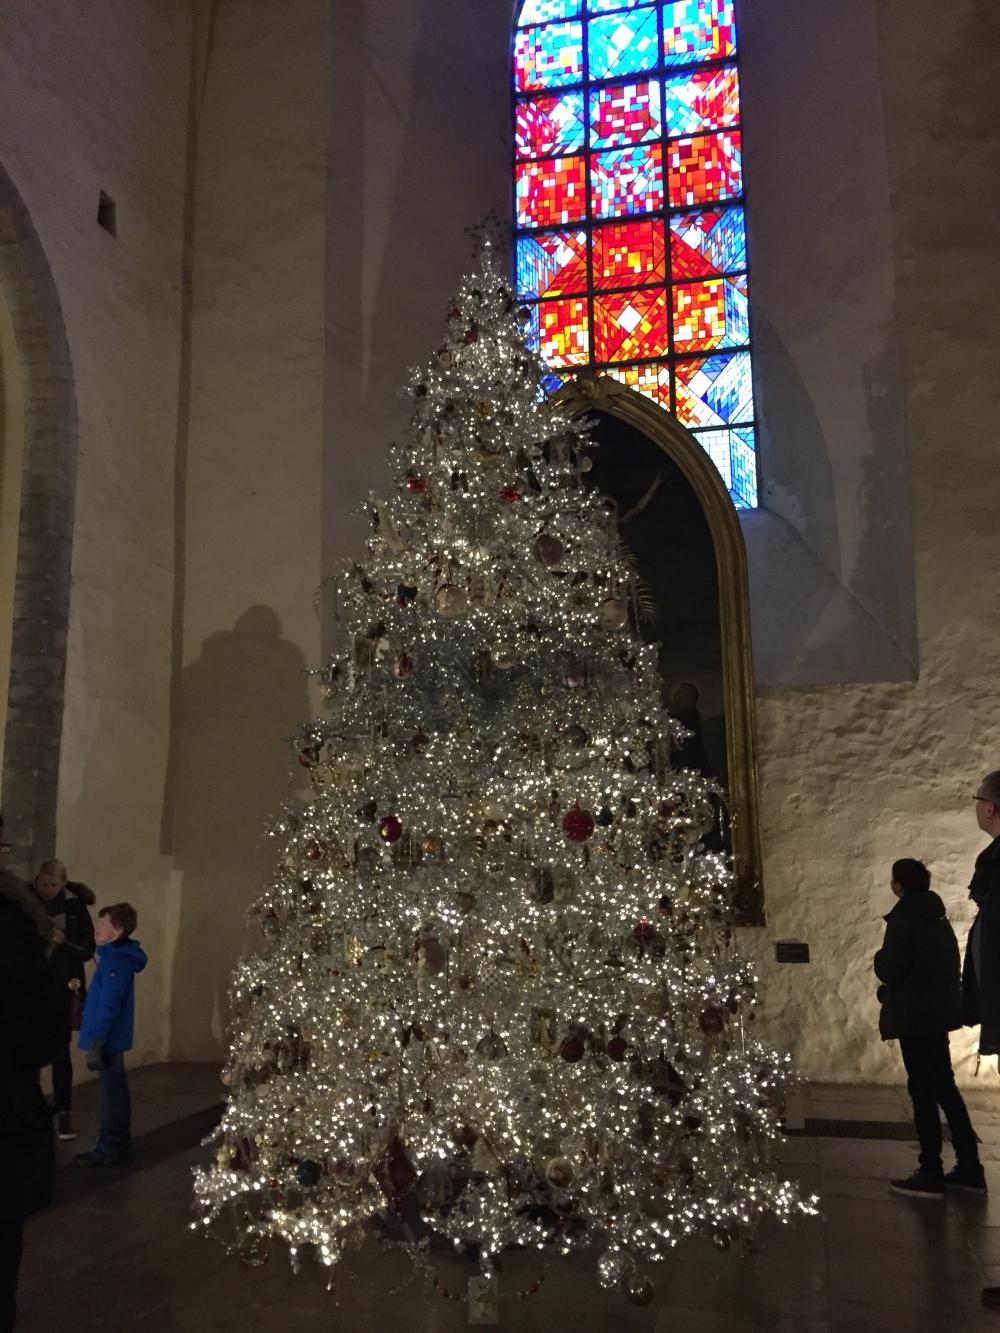 Pühapäeval käisime Niguliste kirikus kuuske vaatamas . Sunnuntaina käytiin vanhassa kaupunkissa kävelyllä ja Niguliste kirkossa katsomaan heidän joulukuusta